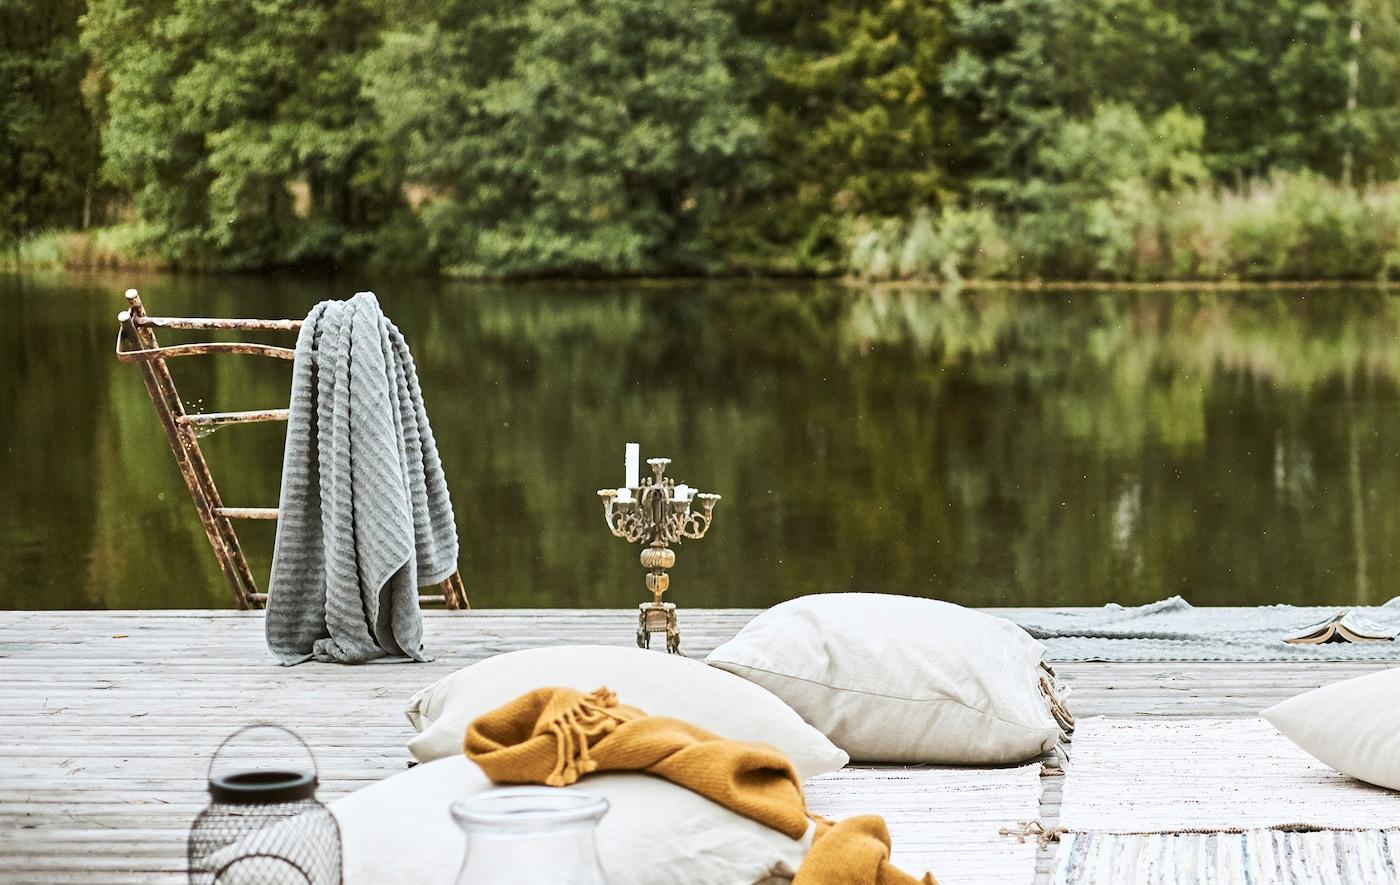 Steg am Wasser mit Kissen und Teppichen auf dem Boden, daneben ein Kerzenleuchter und Plaids.